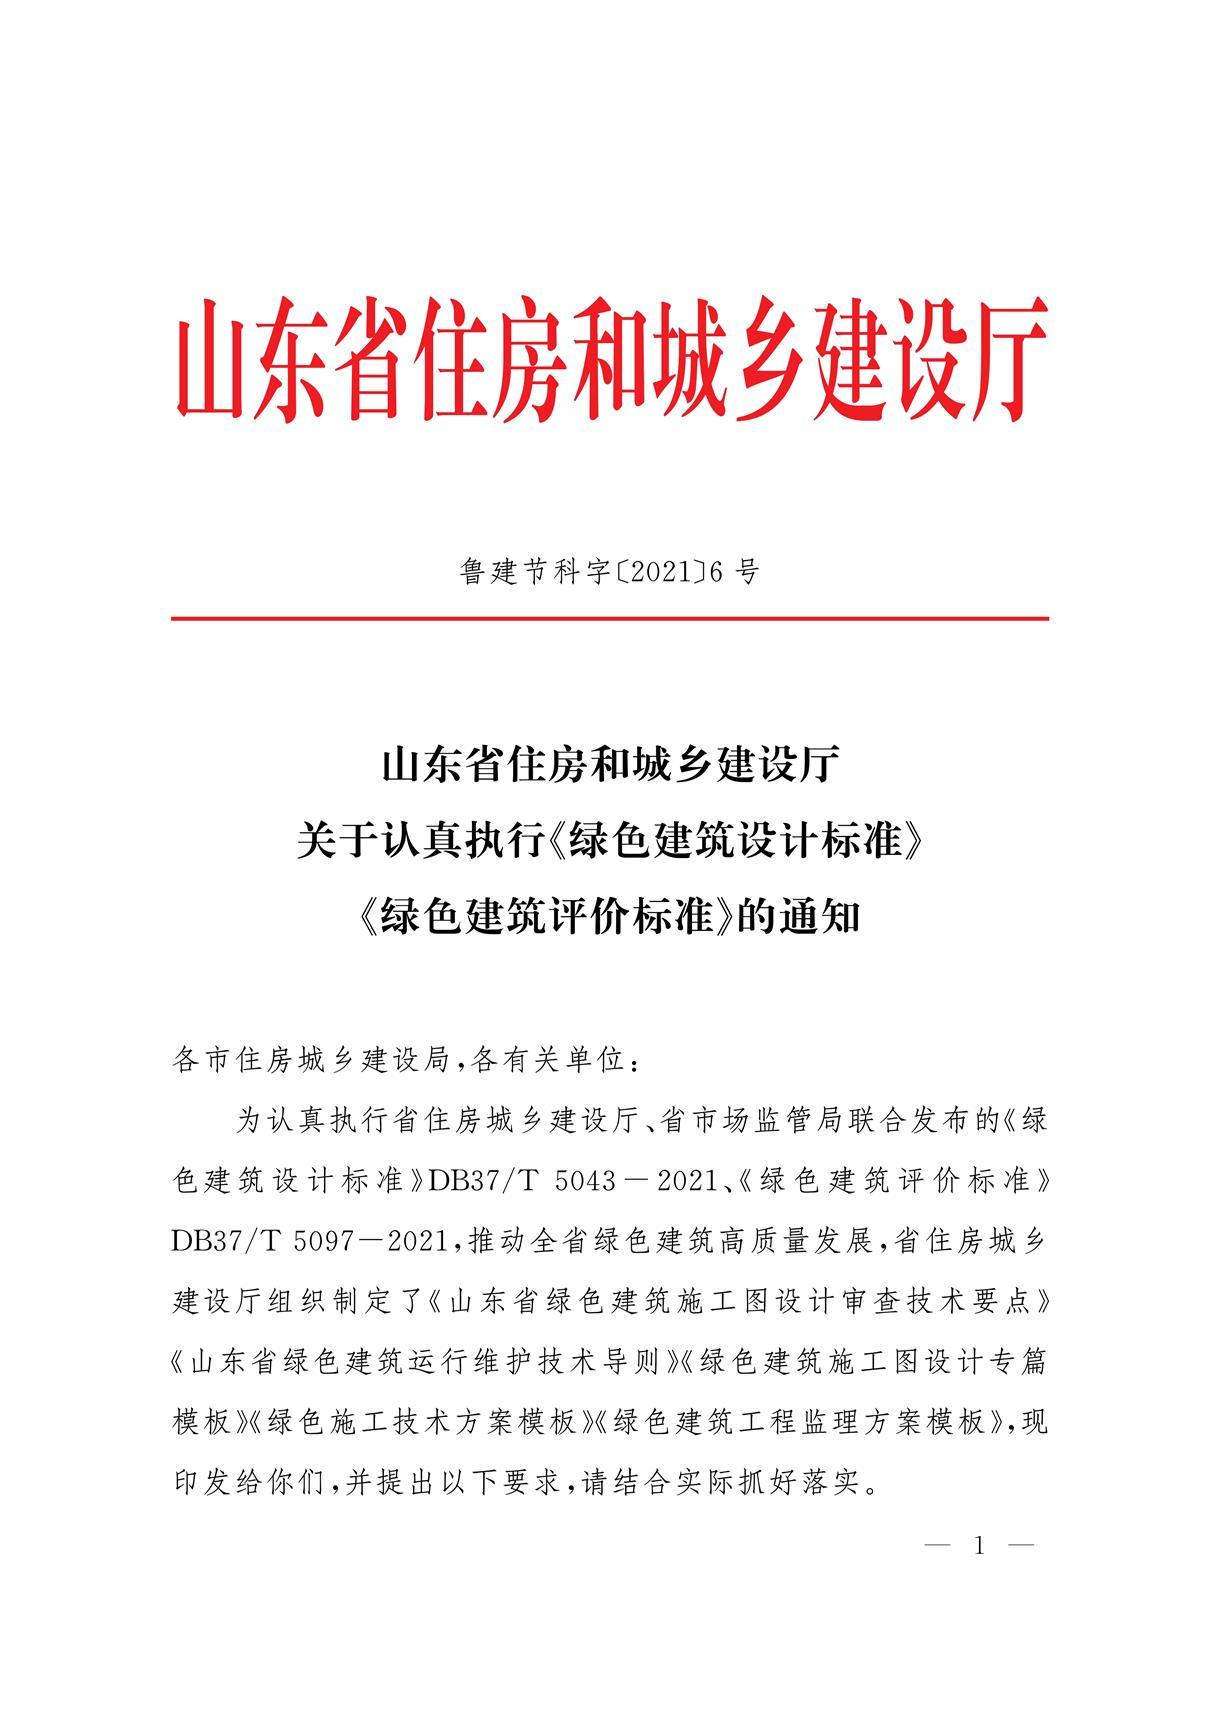 山东省住房和城乡建设厅关于认真执行《绿色建筑设计标准》《绿色建筑评价标准》的通知.pdf省住房和城乡建设厅_1.jpg